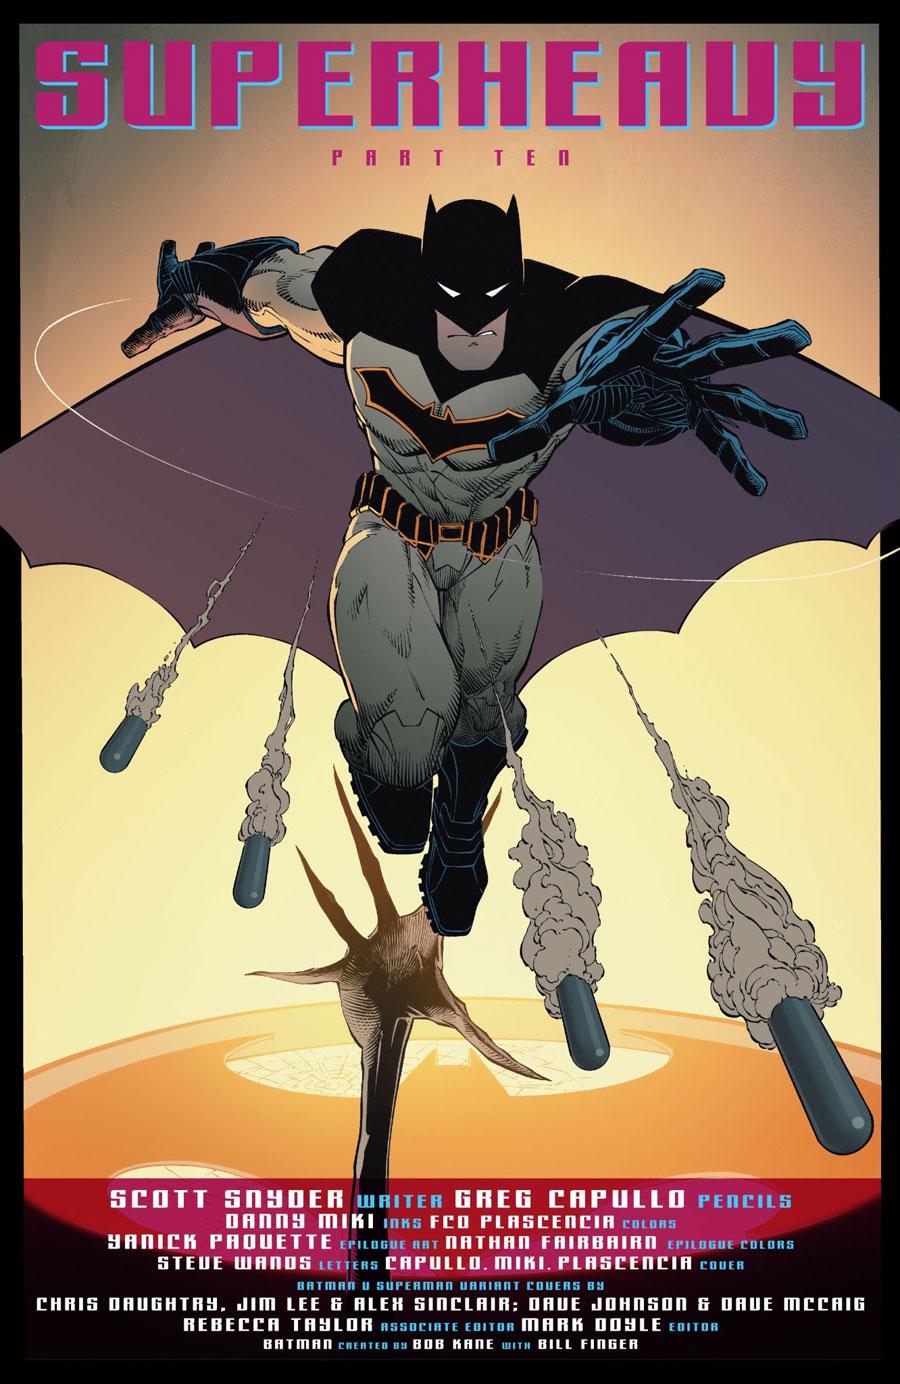 Batman's new costume